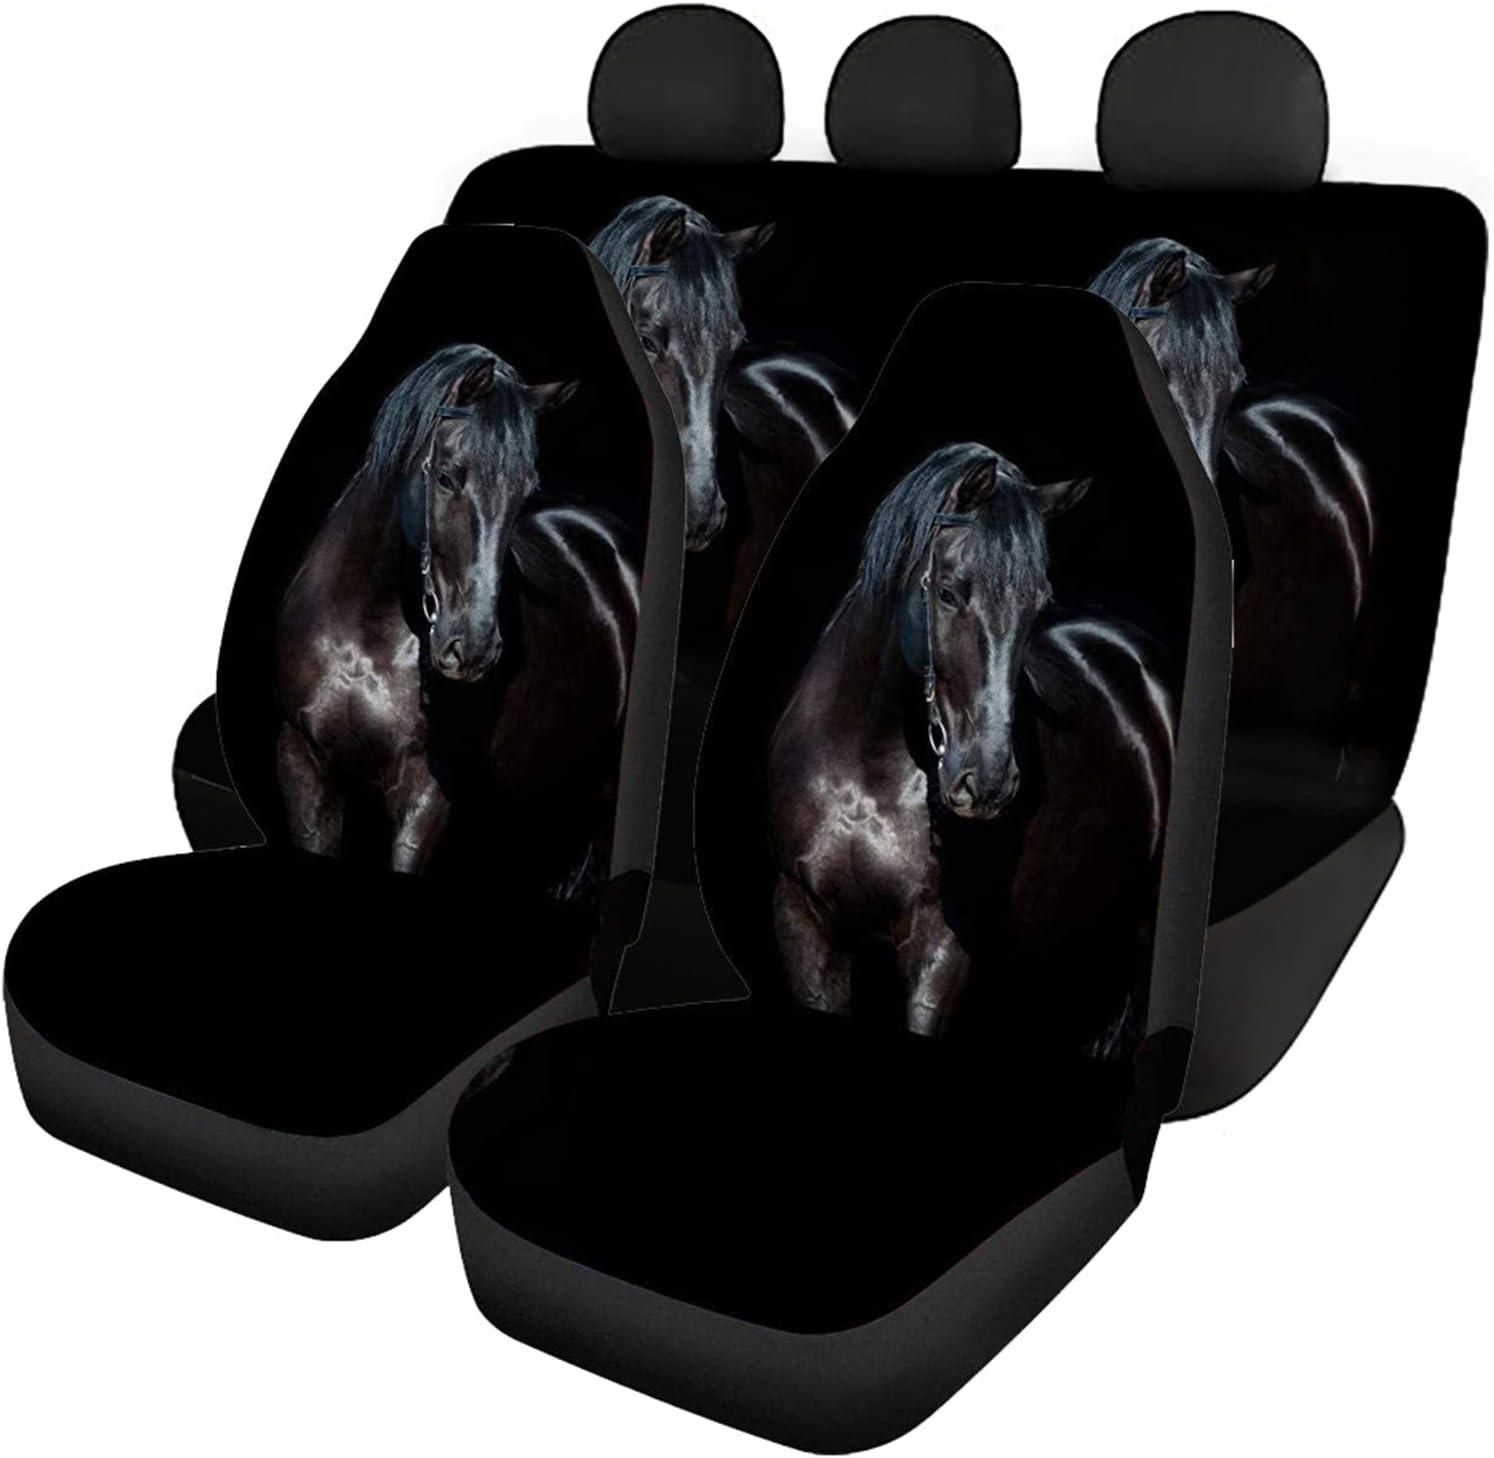 Coloranimal Vivid - Fundas de asiento de coche con estampado de caballo, 3 piezas para asiento trasero delantero y trasero, se adapta a la mayoría de coches, sedán, tronco, SUV o furgoneta accesorios